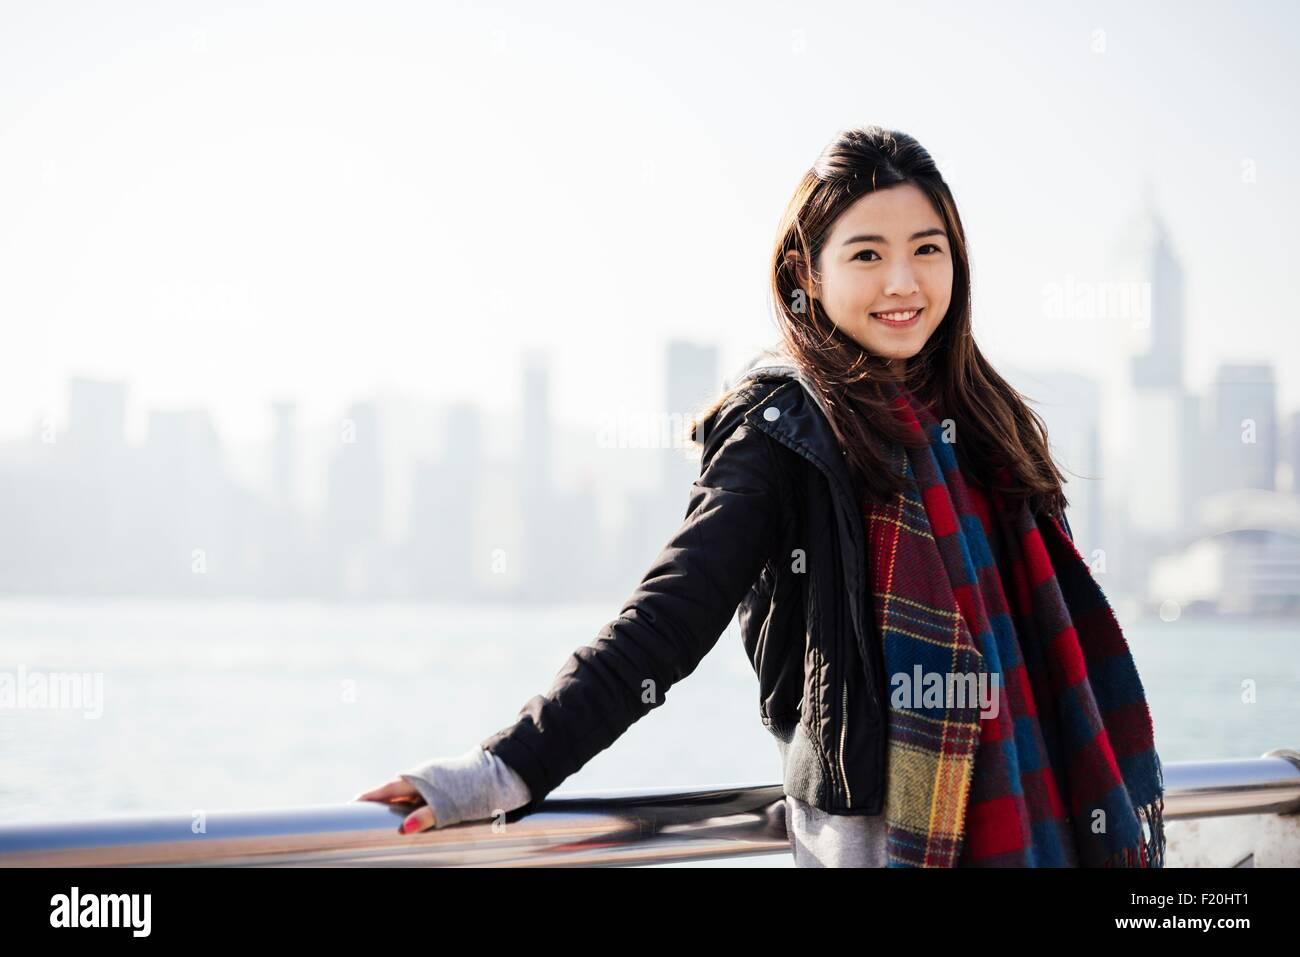 Porträt der jungen Frau mit überprüft Schal und Leder Jacke, Blick in die Kamera Stockbild